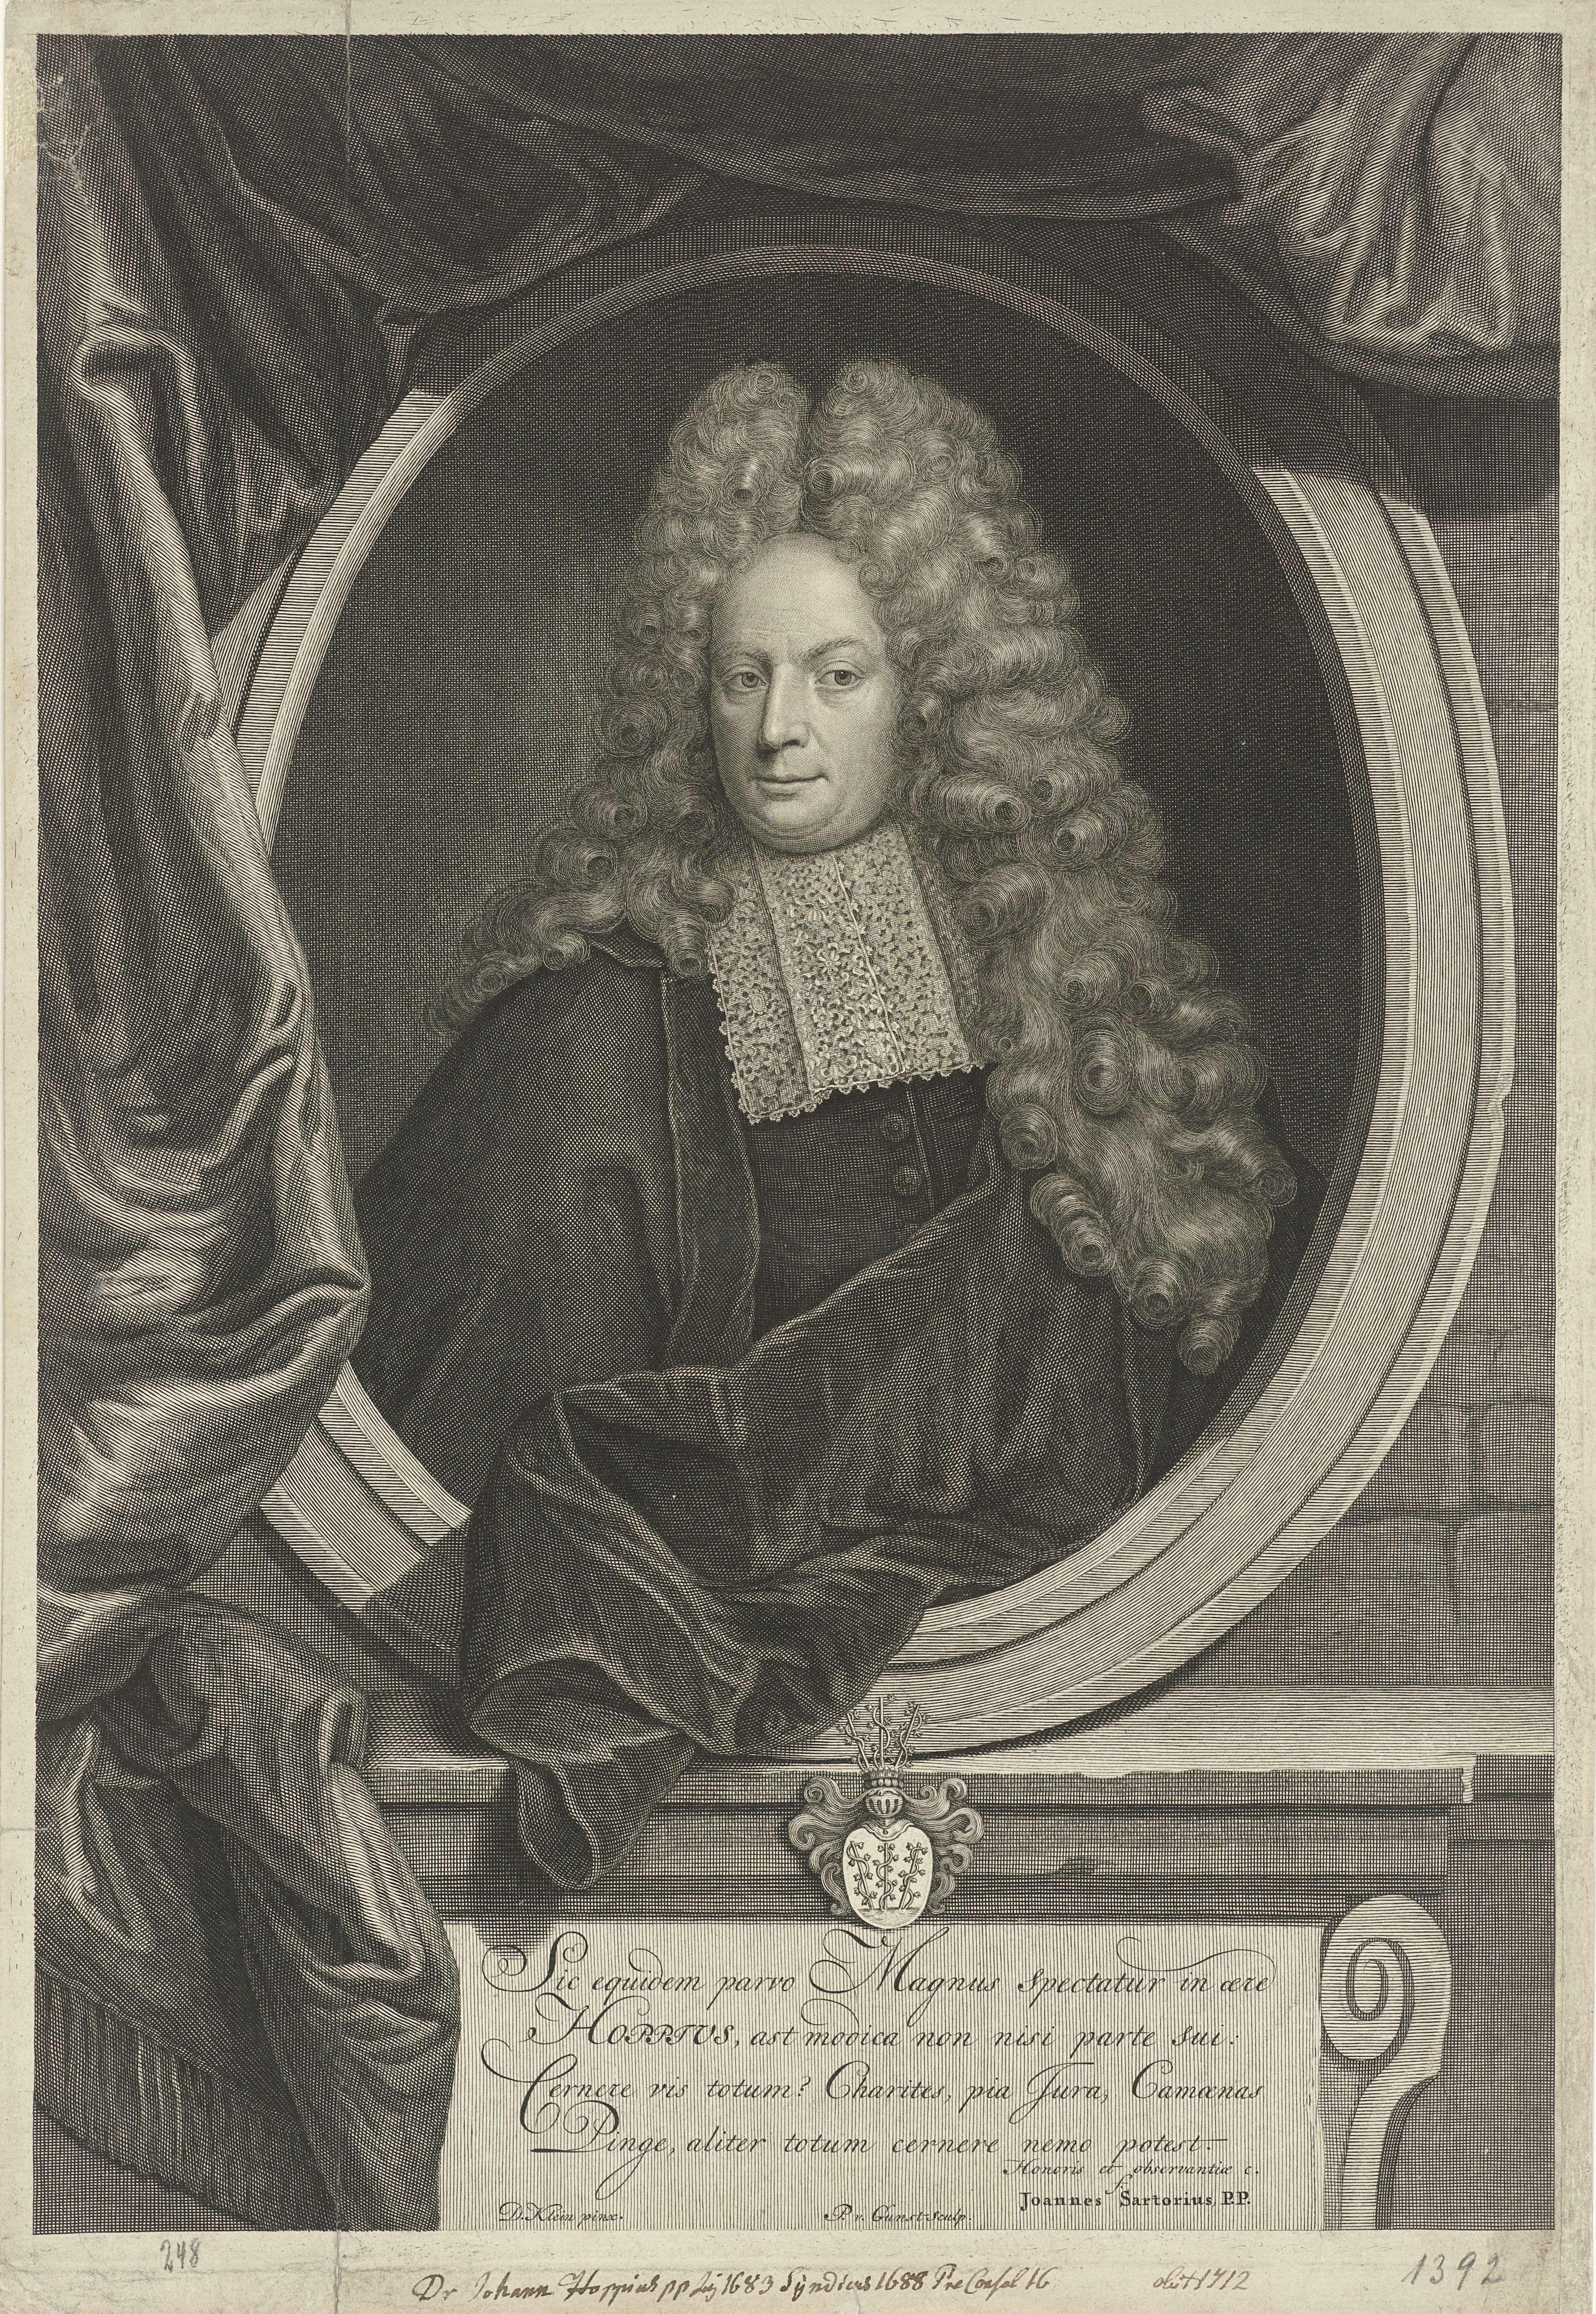 Pieter van Gunst | Portret van Joachim Hoppe, Pieter van Gunst, Joannes Sartorius, 1682 - 1731 | Joachim Hoppe, burgemeester van Danzig. Onder de prent zijn wapenschild en een Latijns onderschrift over zijn leven.